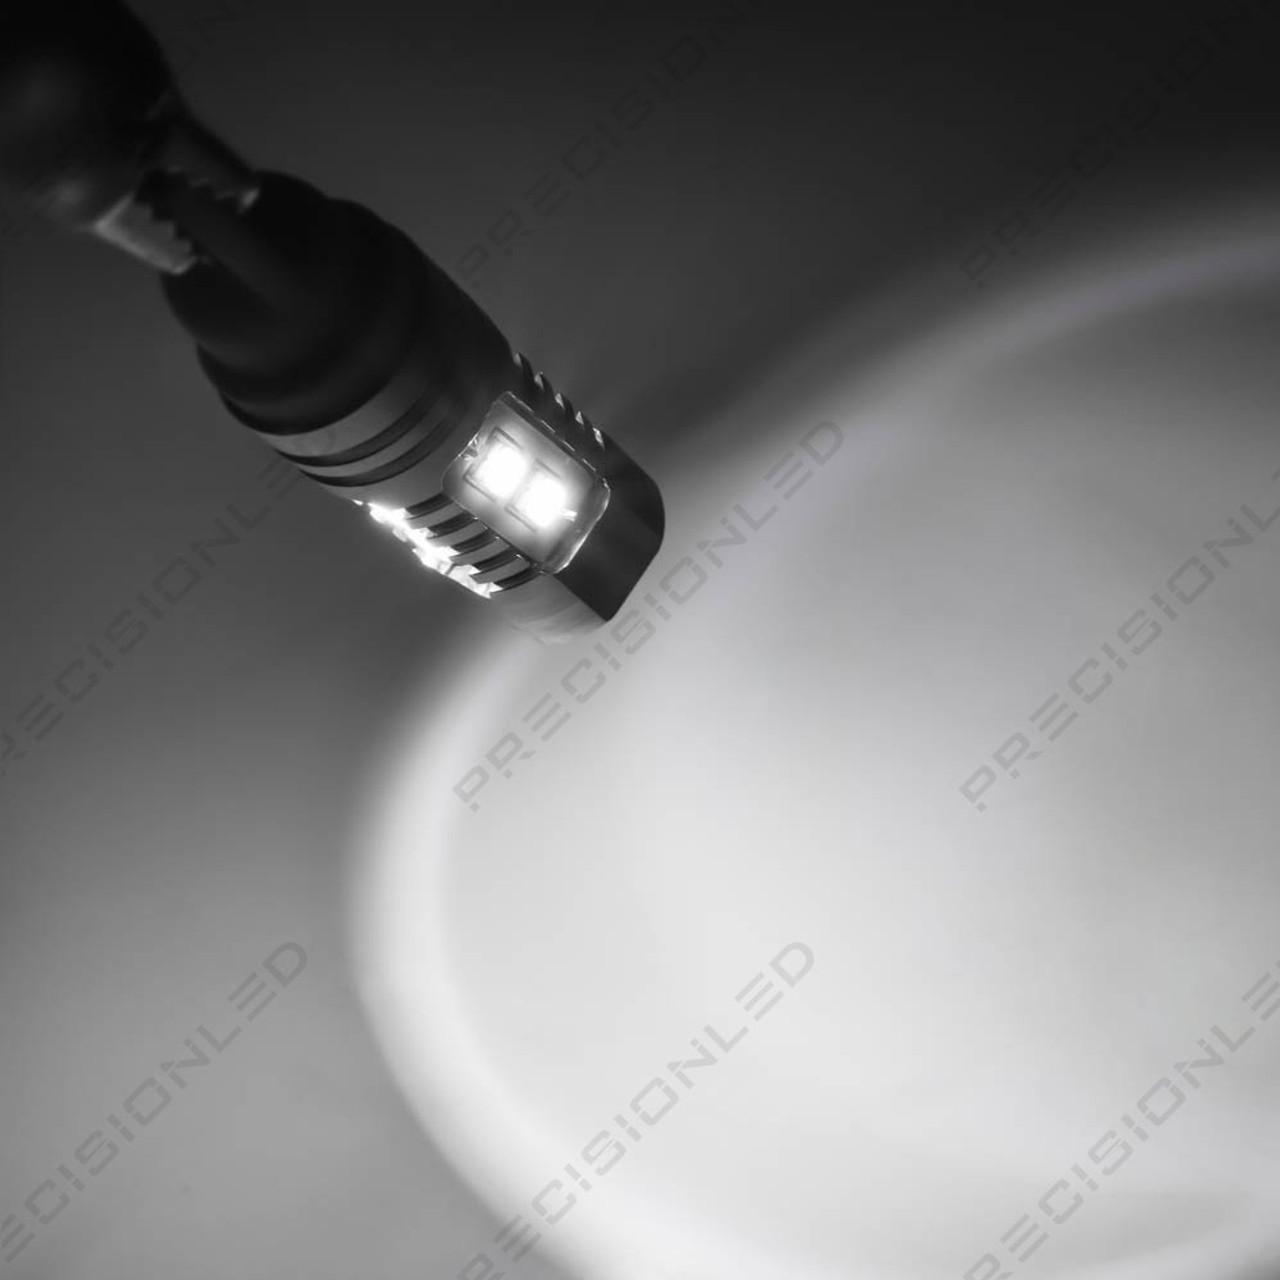 Volkswagen Beetle LED Backup Reverse Lights (1998-2010)